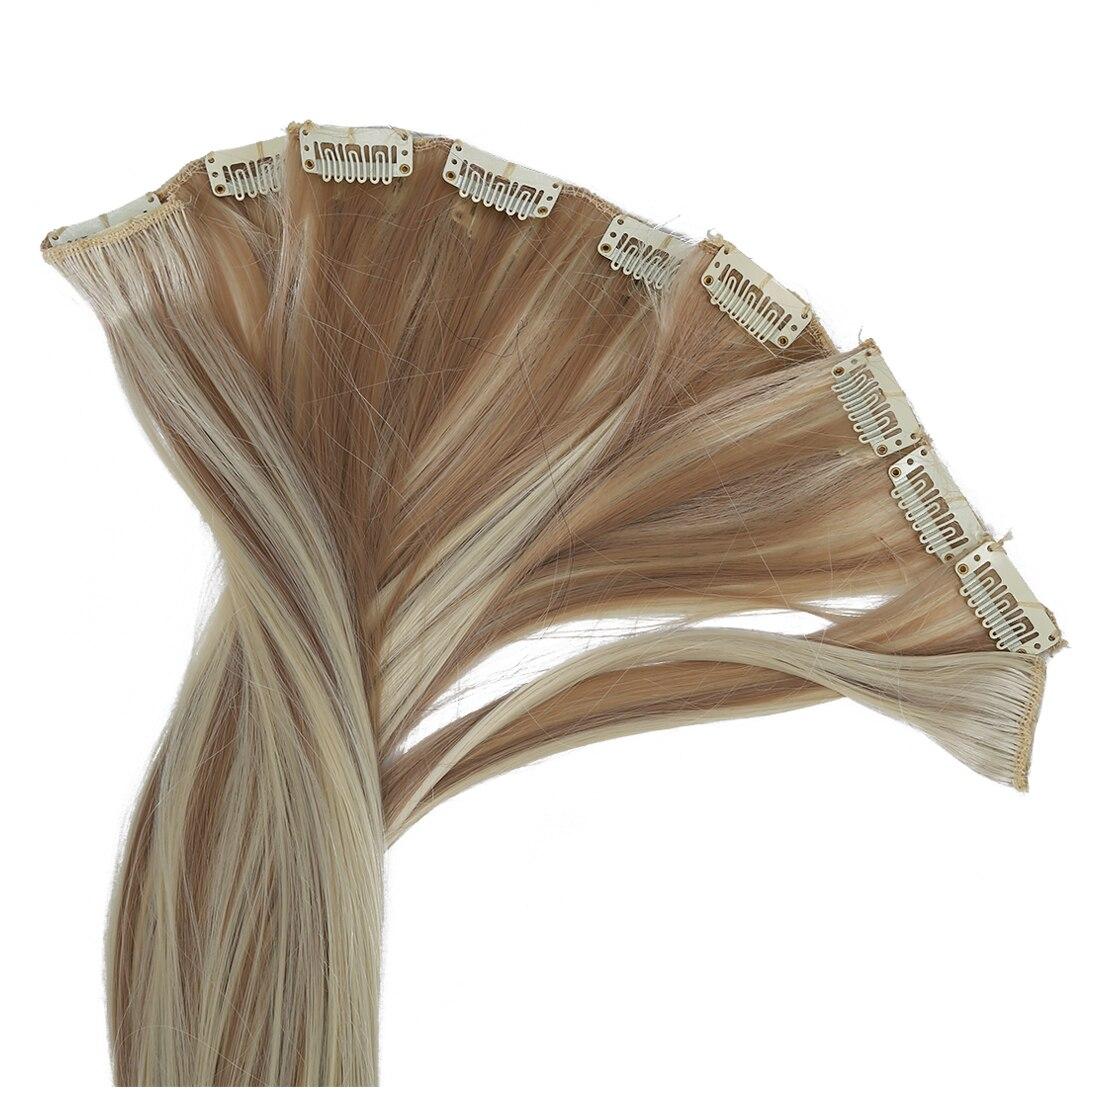 8 х 18 #18/613 блондинка подчеркивается прямые Полный Head Синтетические пряди для наращивания волос